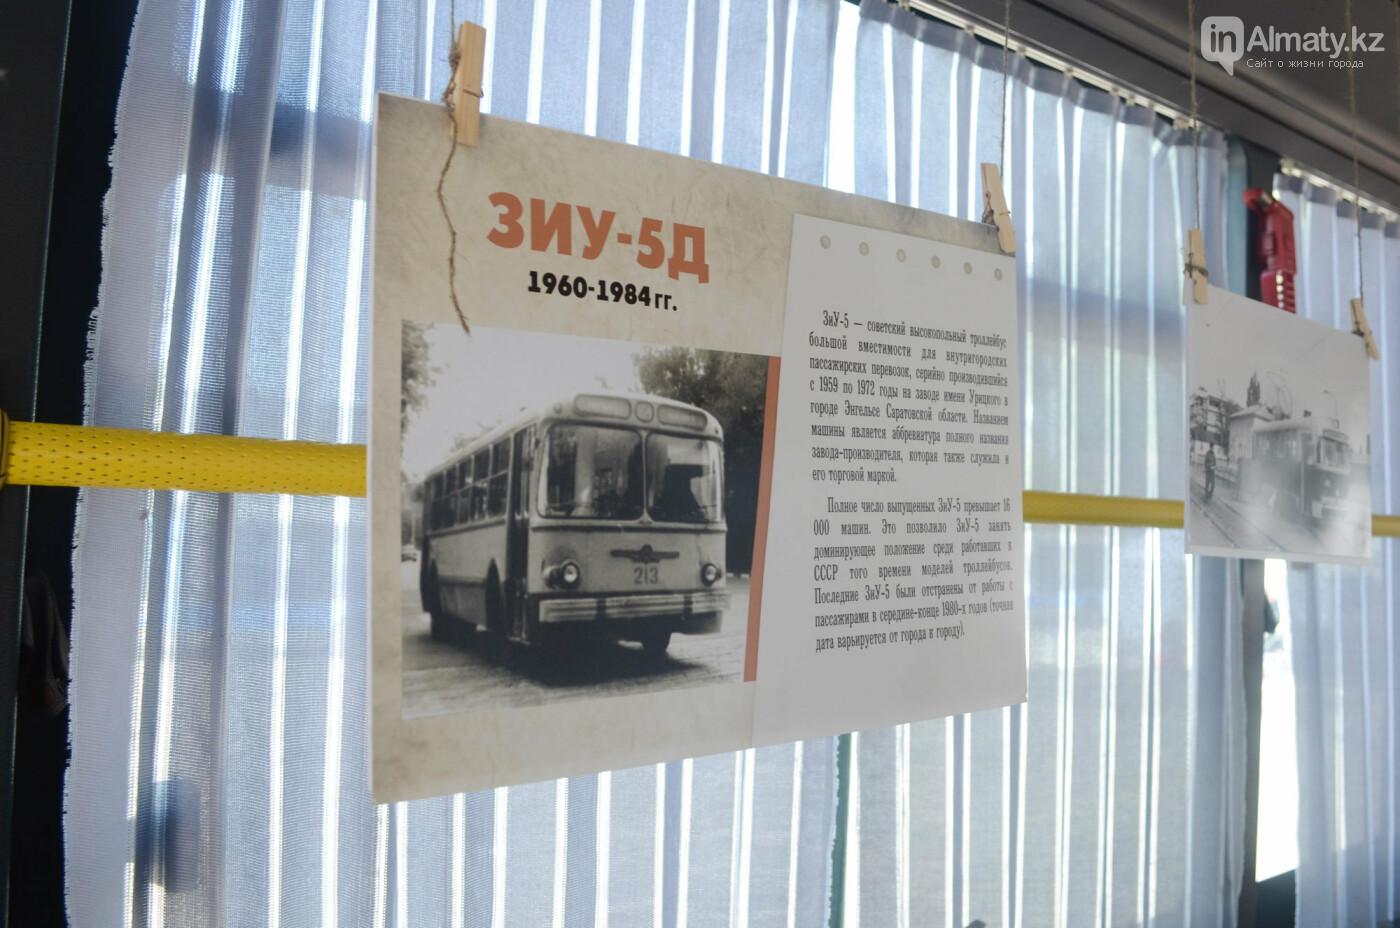 Юбилей троллейбуса отметили в Алматы (фото), фото-10